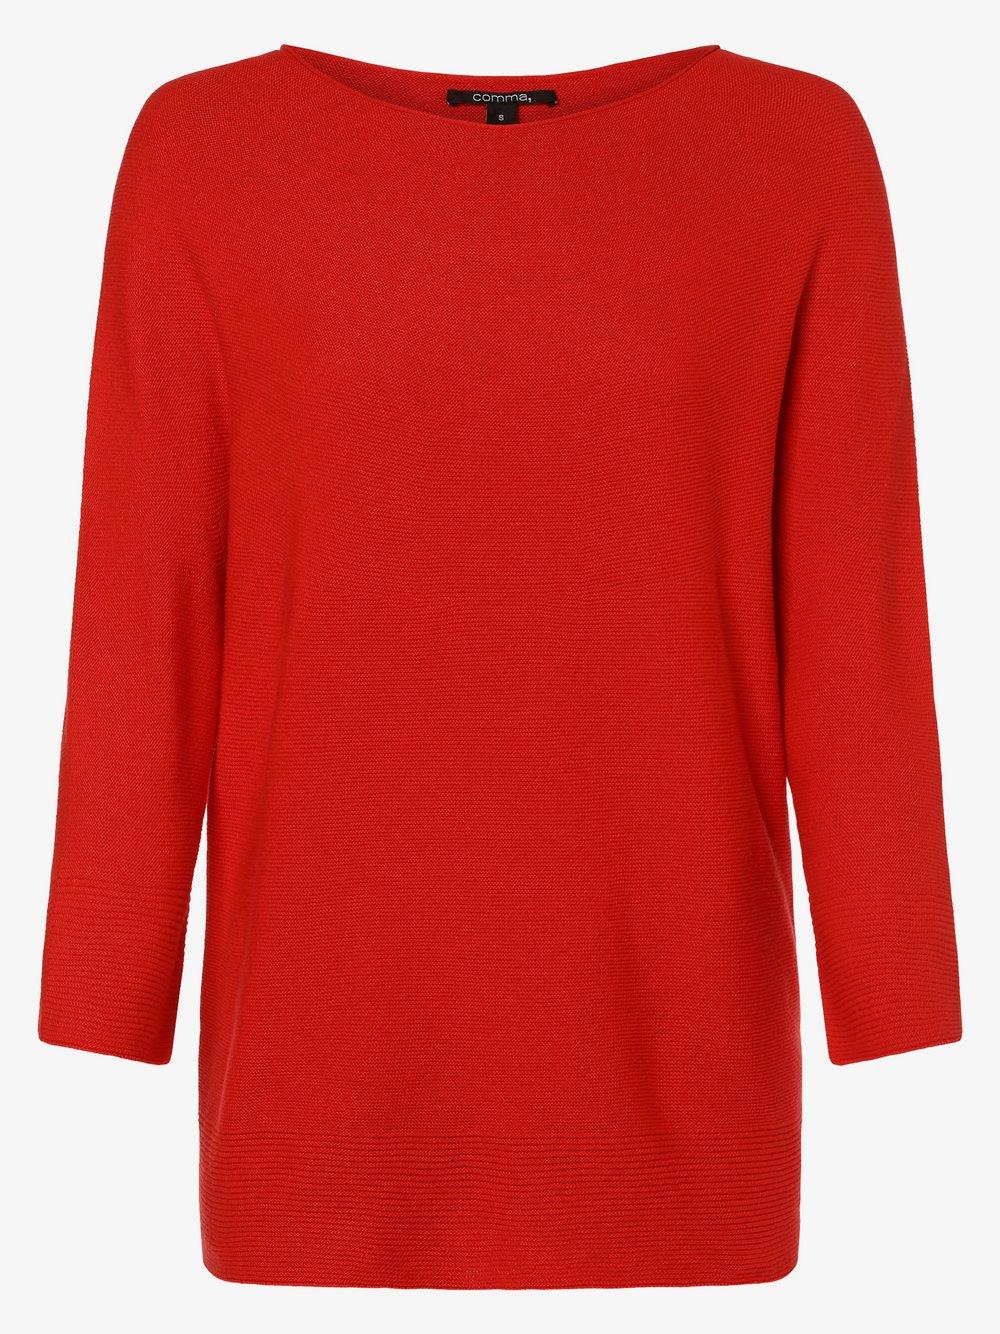 comma - Sweter damski, czerwony